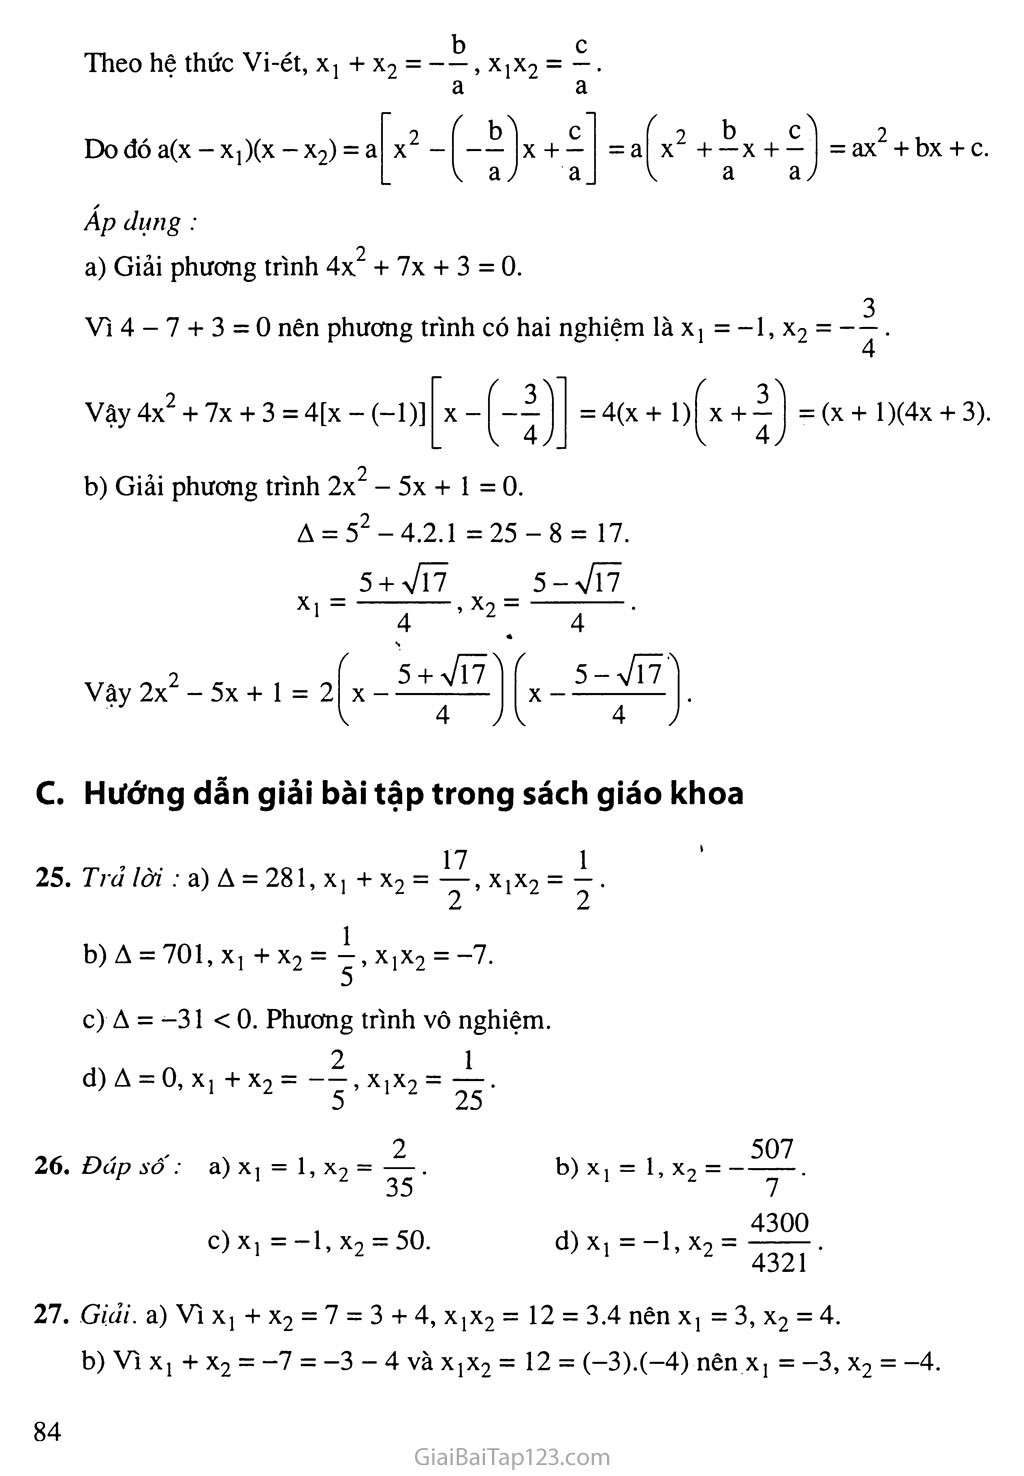 Bài 6. Hệ thức Vi-ét và ứng dụng trang 5